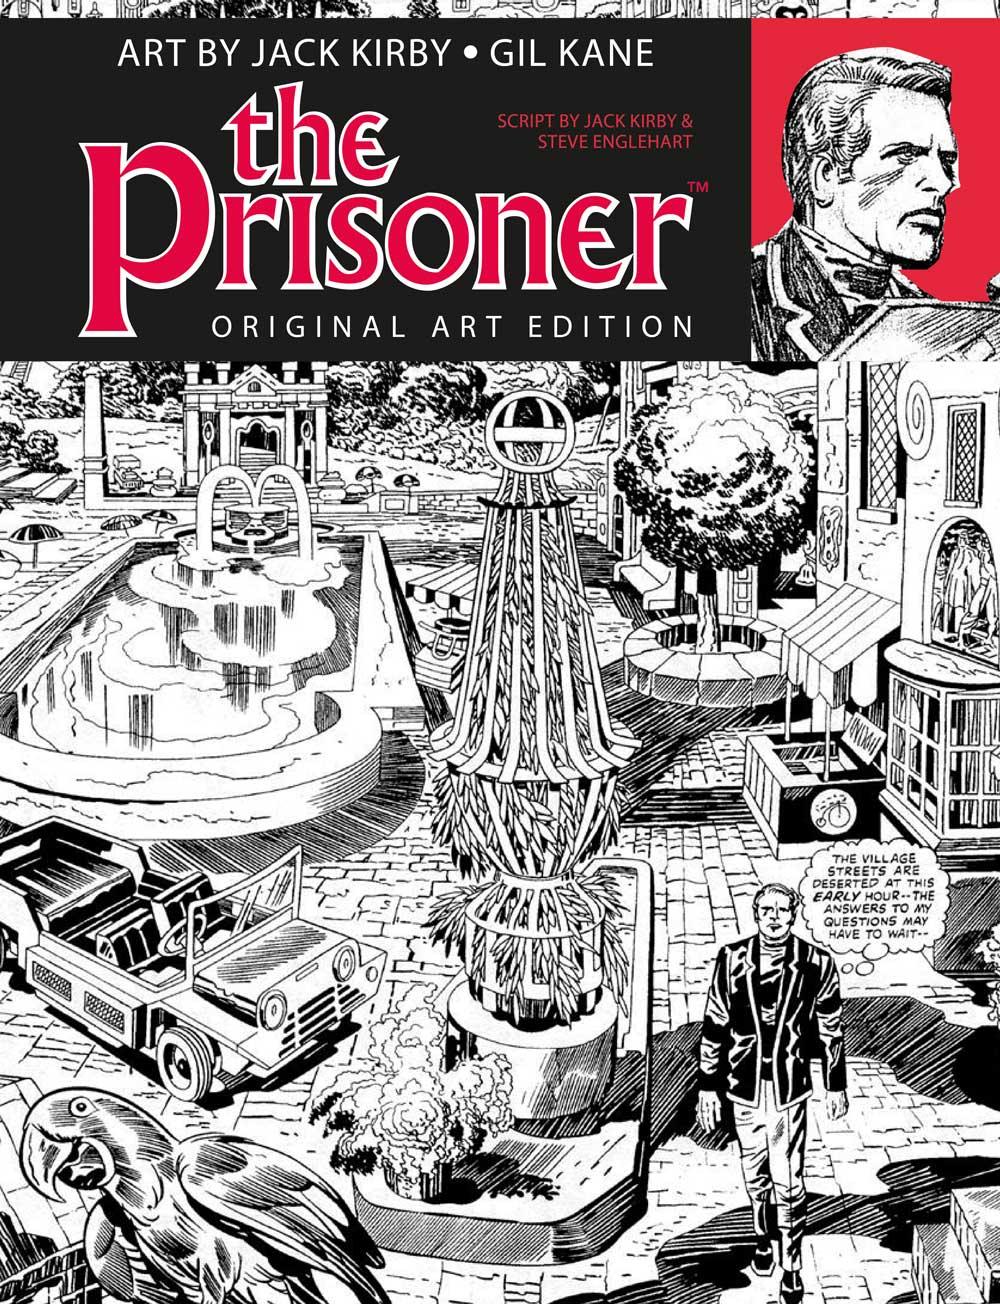 Prisoner Art Edition Cover.jpg